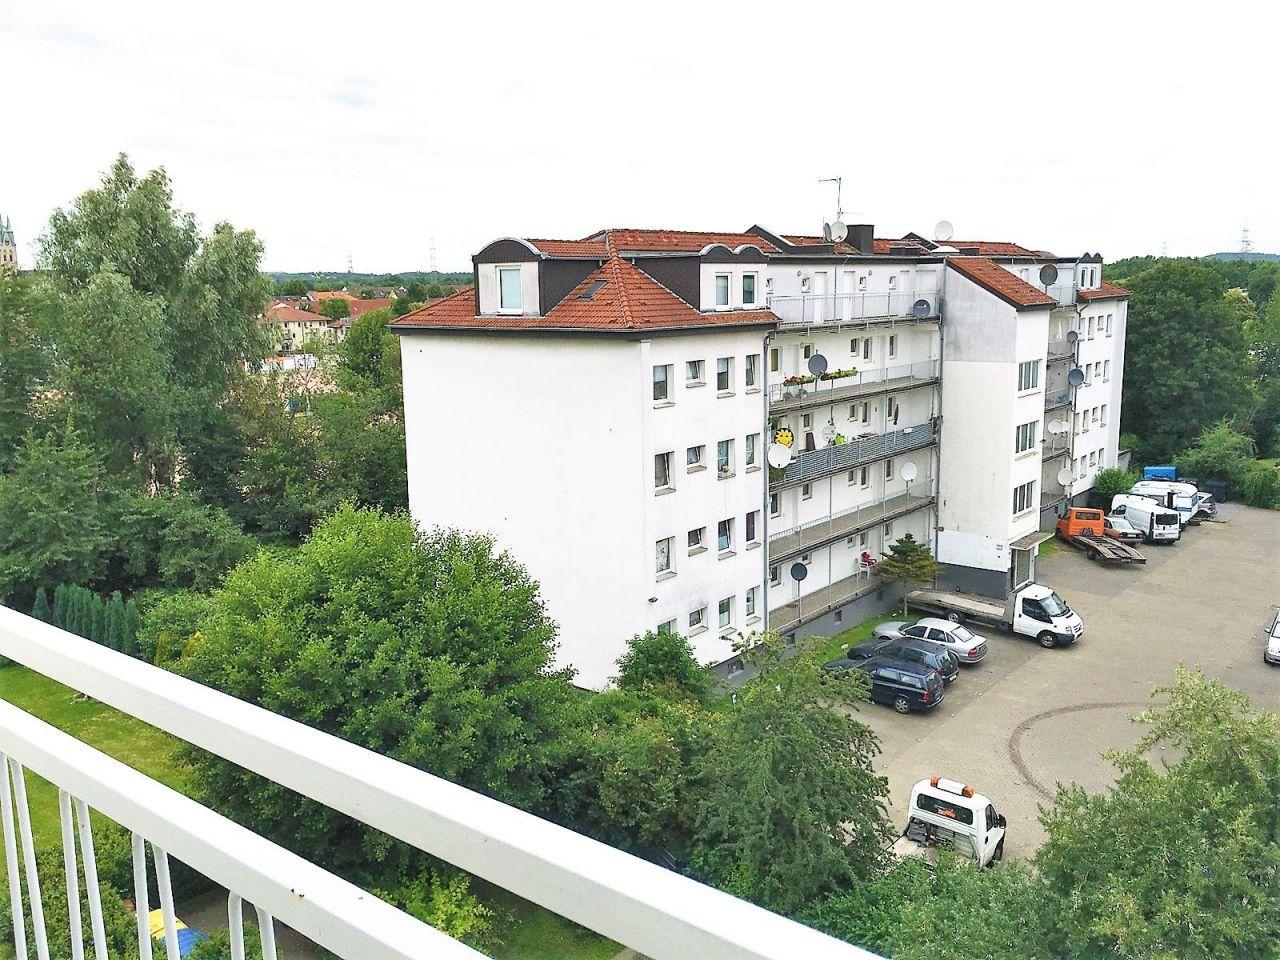 Квартира в земле Северный Рейн-Вестфалия, Германия, 25 м2 - фото 1